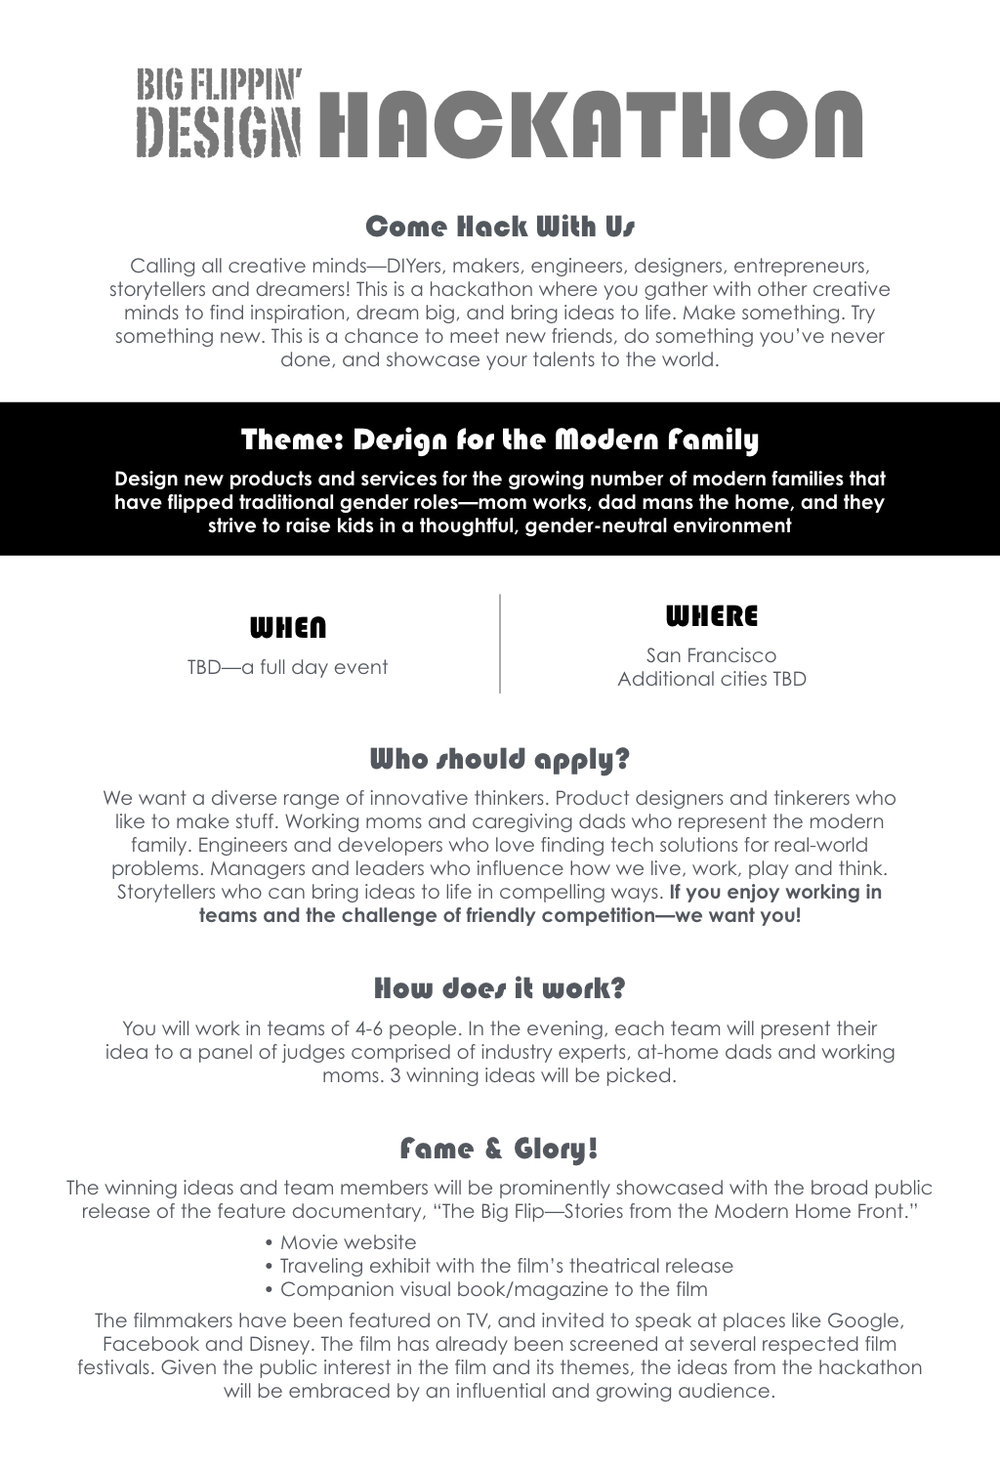 Design Hackathon Brief Output JPEG.jpg